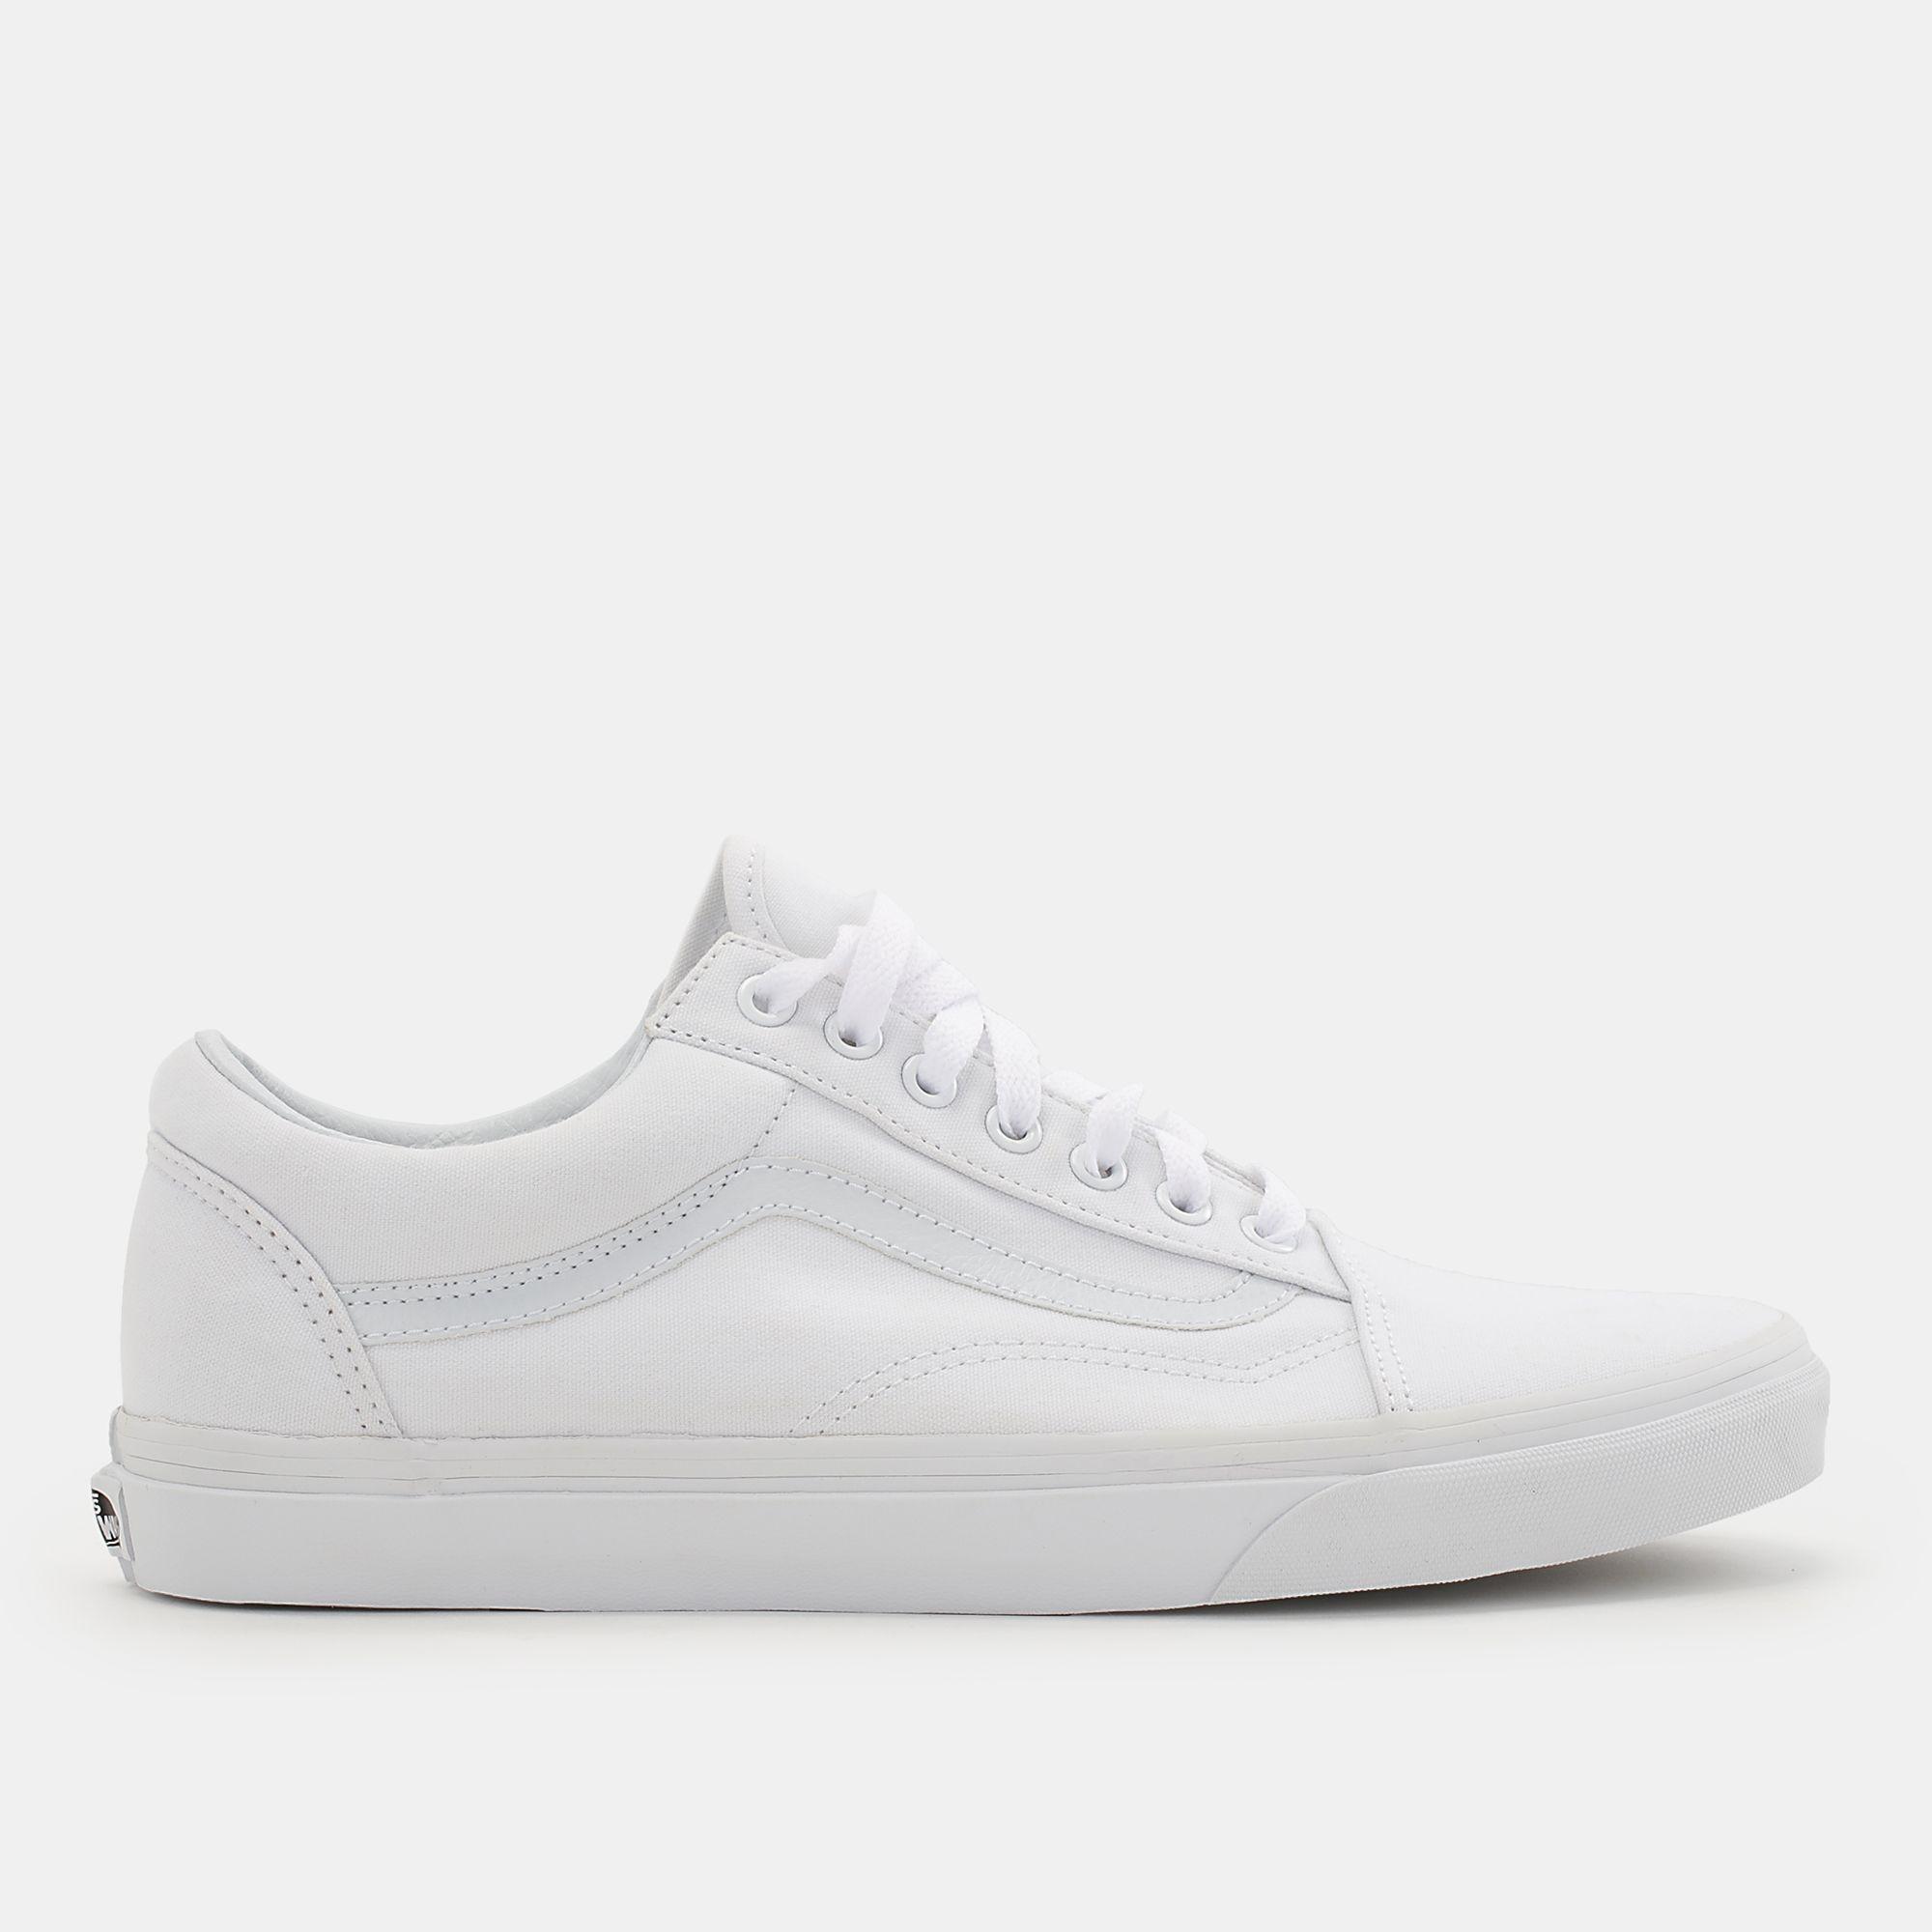 a1728adea تسوق حذاء كانفاس أولد سكول من فانس للجنسين White | سن أند ساند سبورتس